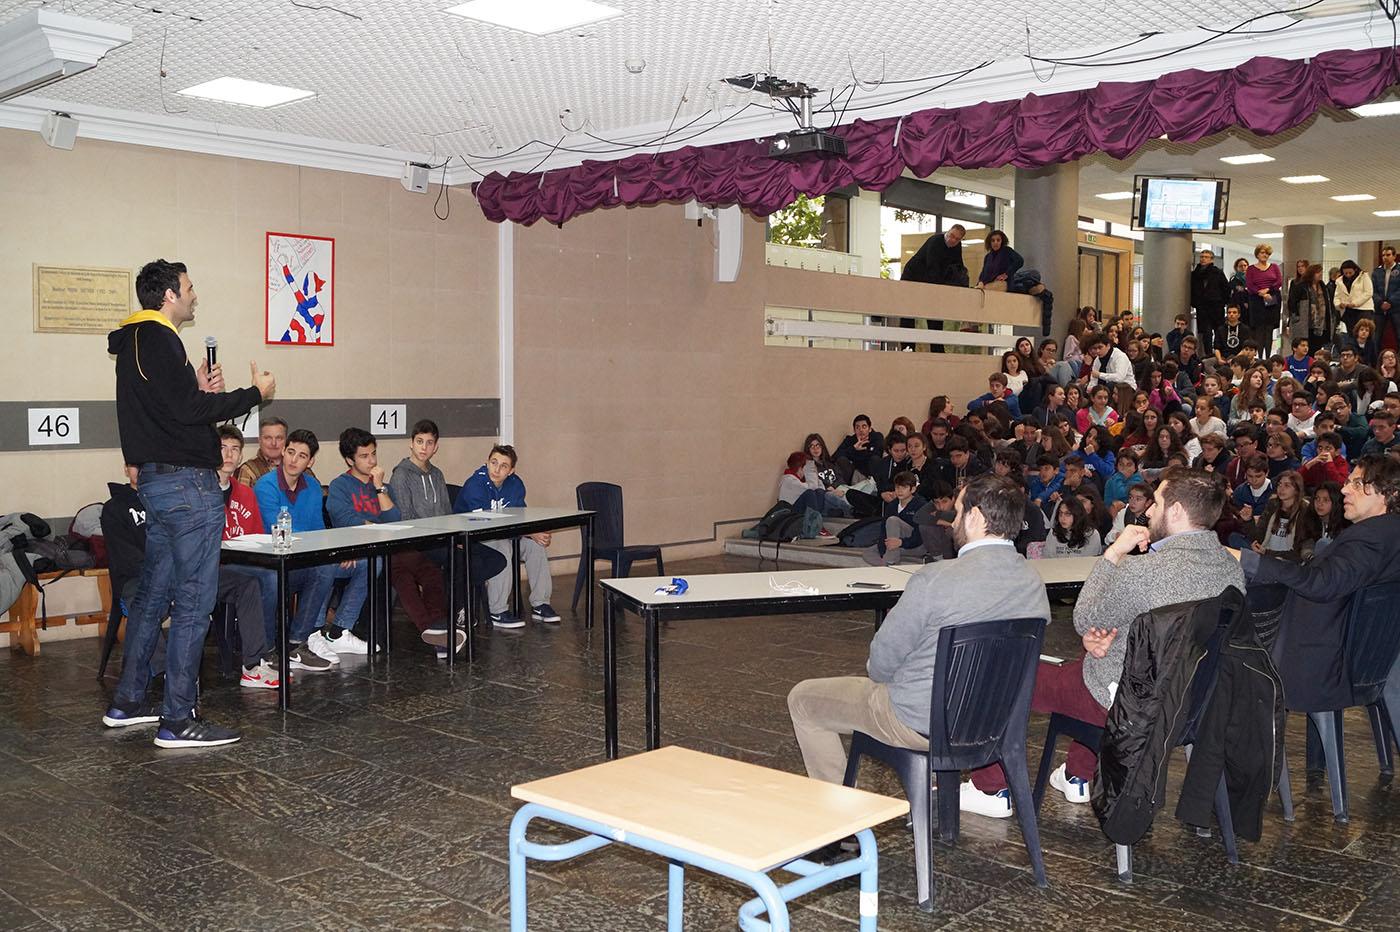 Εκδήλωση – συζήτηση με με θέμα «Ο Αθλητισμός είναι πολιτισμός».-1